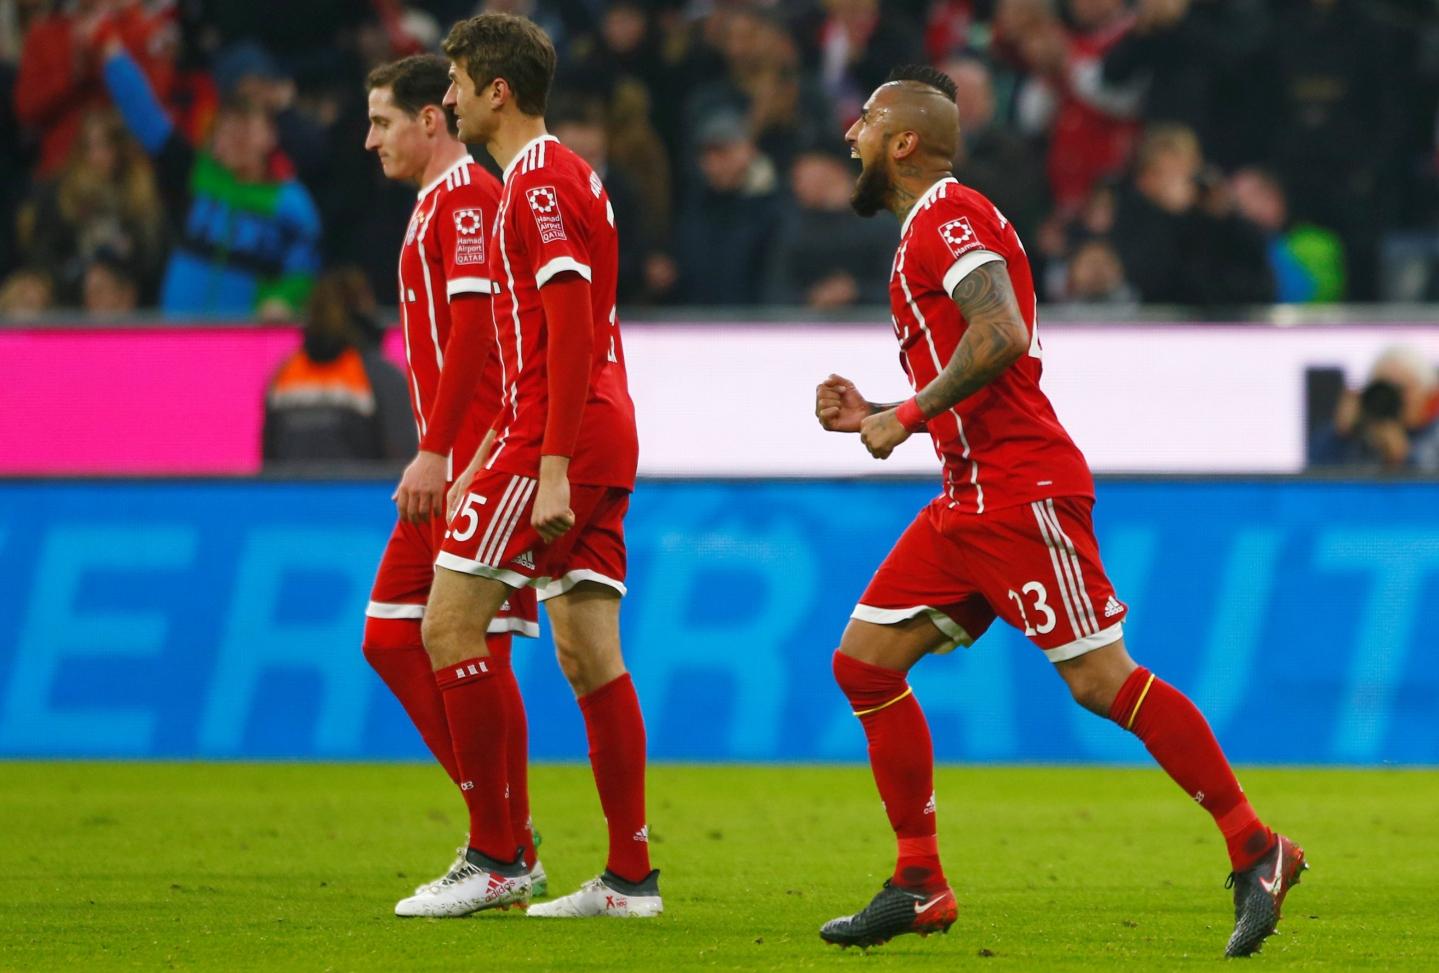 [VIDEO] Vidal y Medel destacan